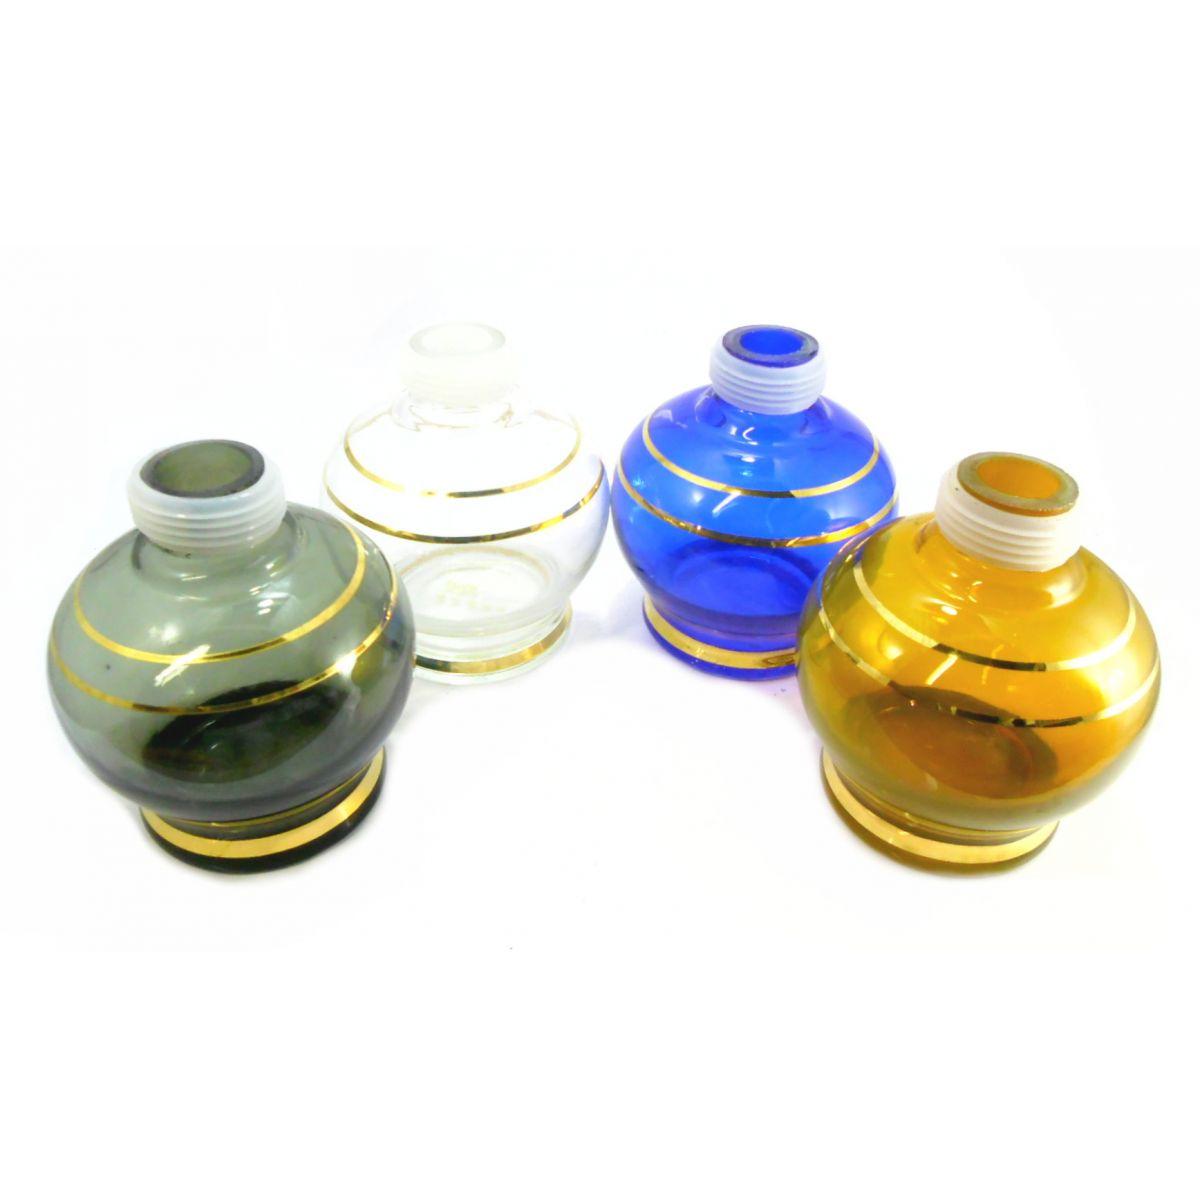 Vaso/base para narguile Kimo (15cm), bojudo, com LISTRA DOURADA. Encaixe macho (interno).